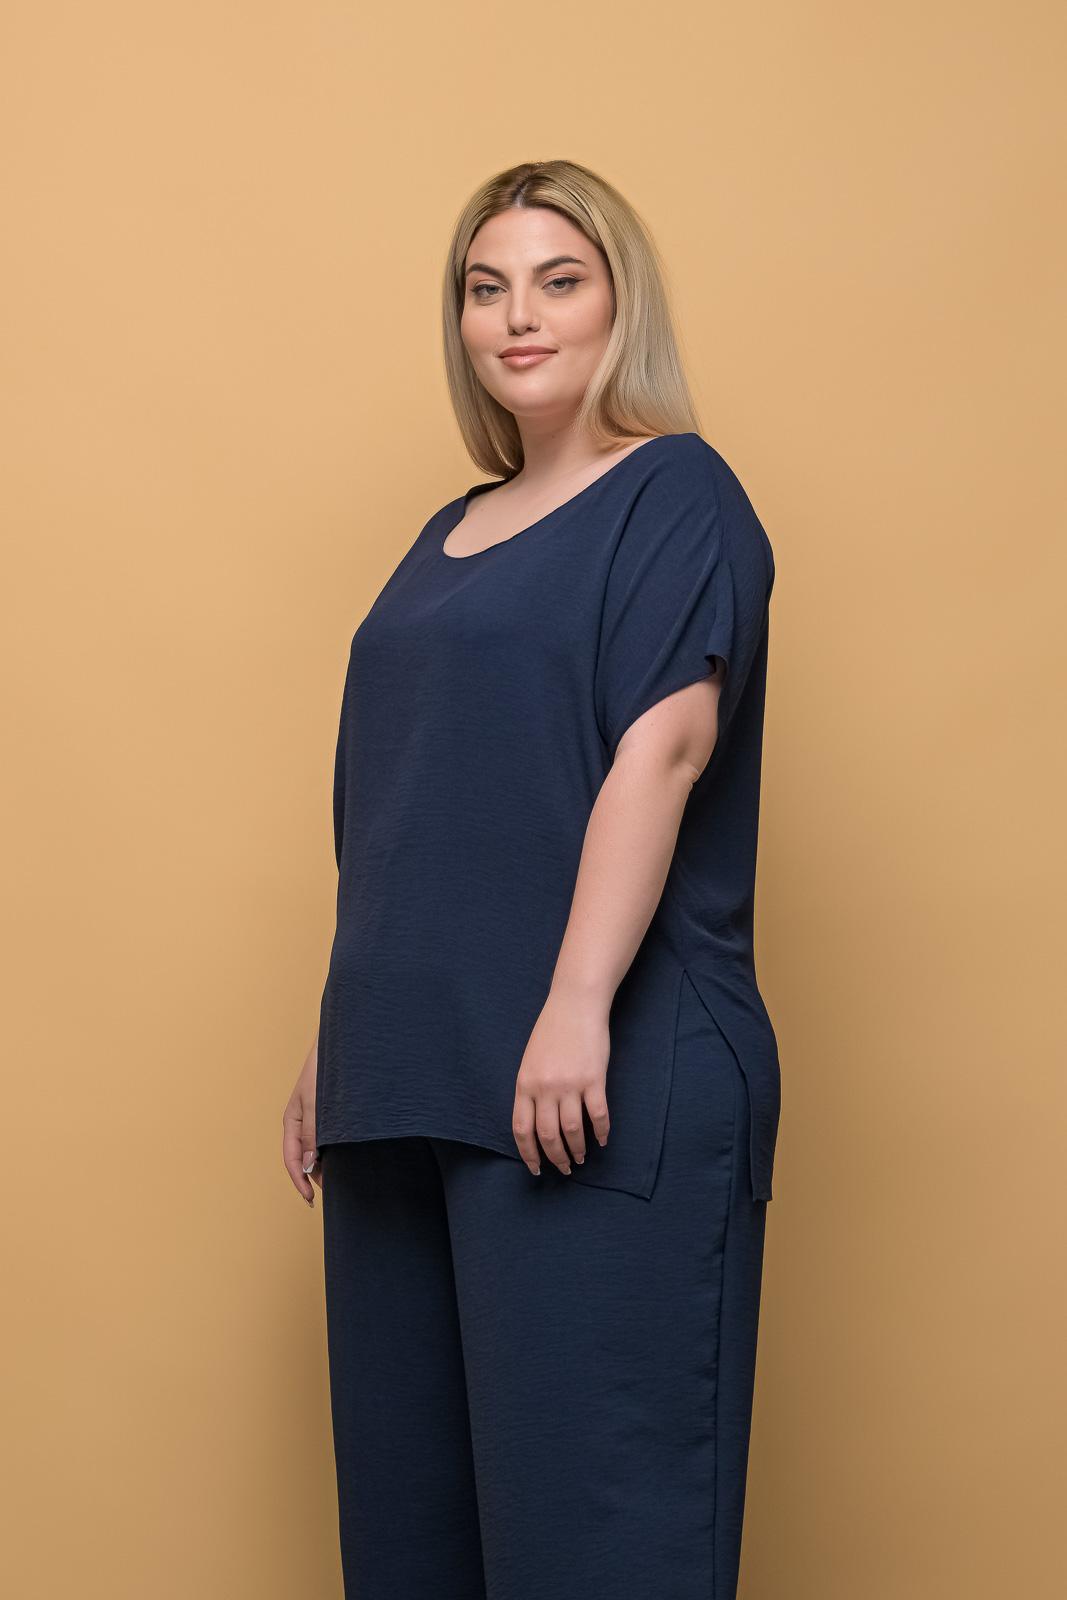 Μπλούζα ανάλαφρη μπλε με λαιμόκοψη